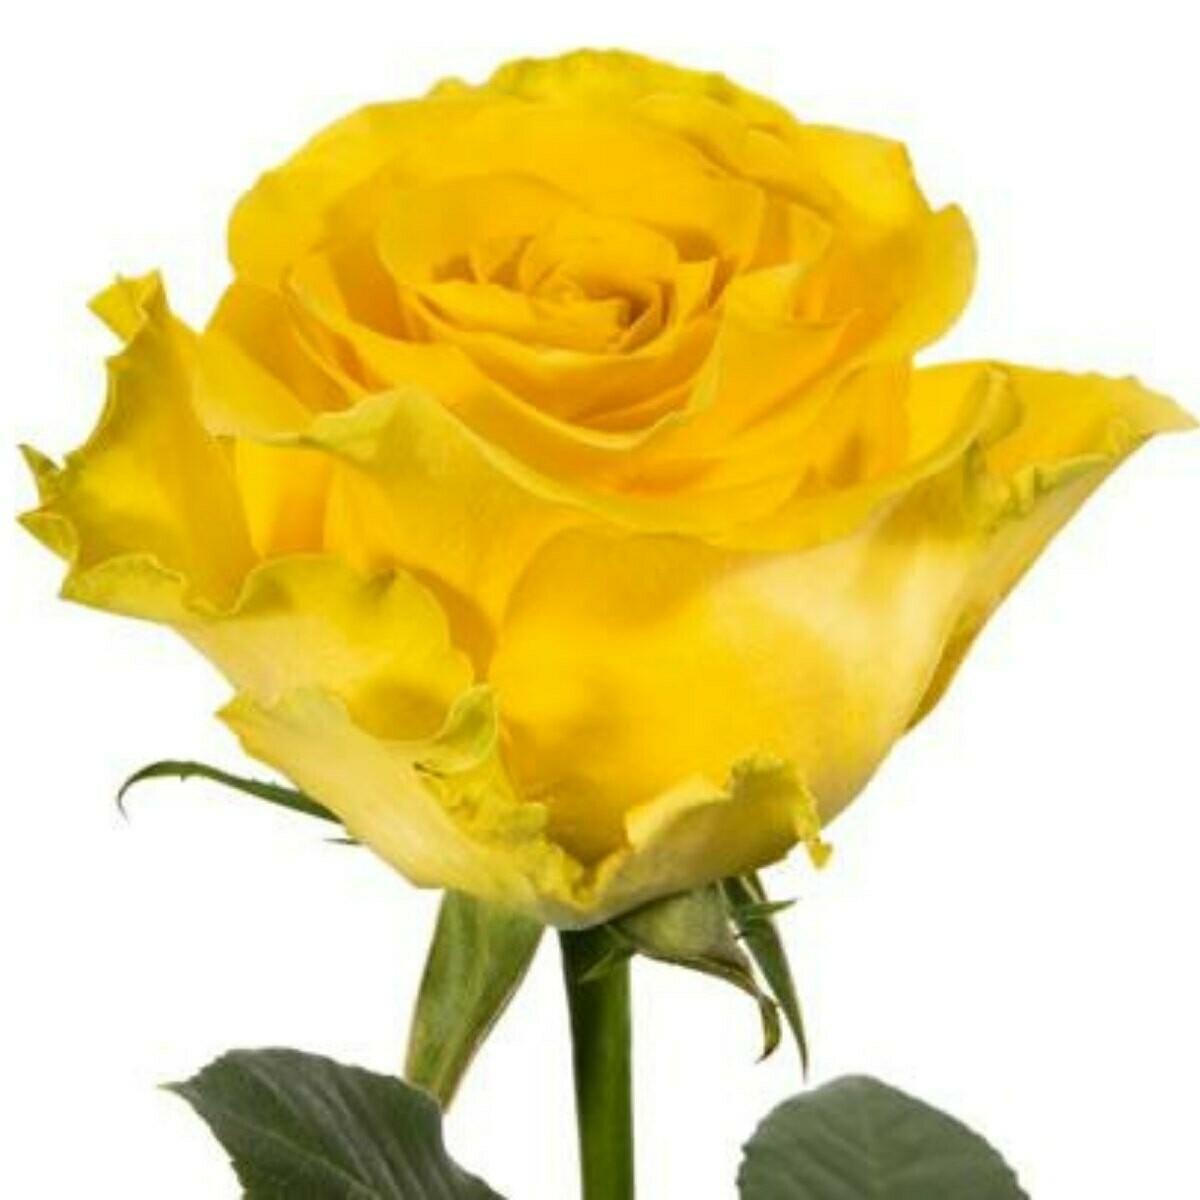 Regatta - Premium Roses